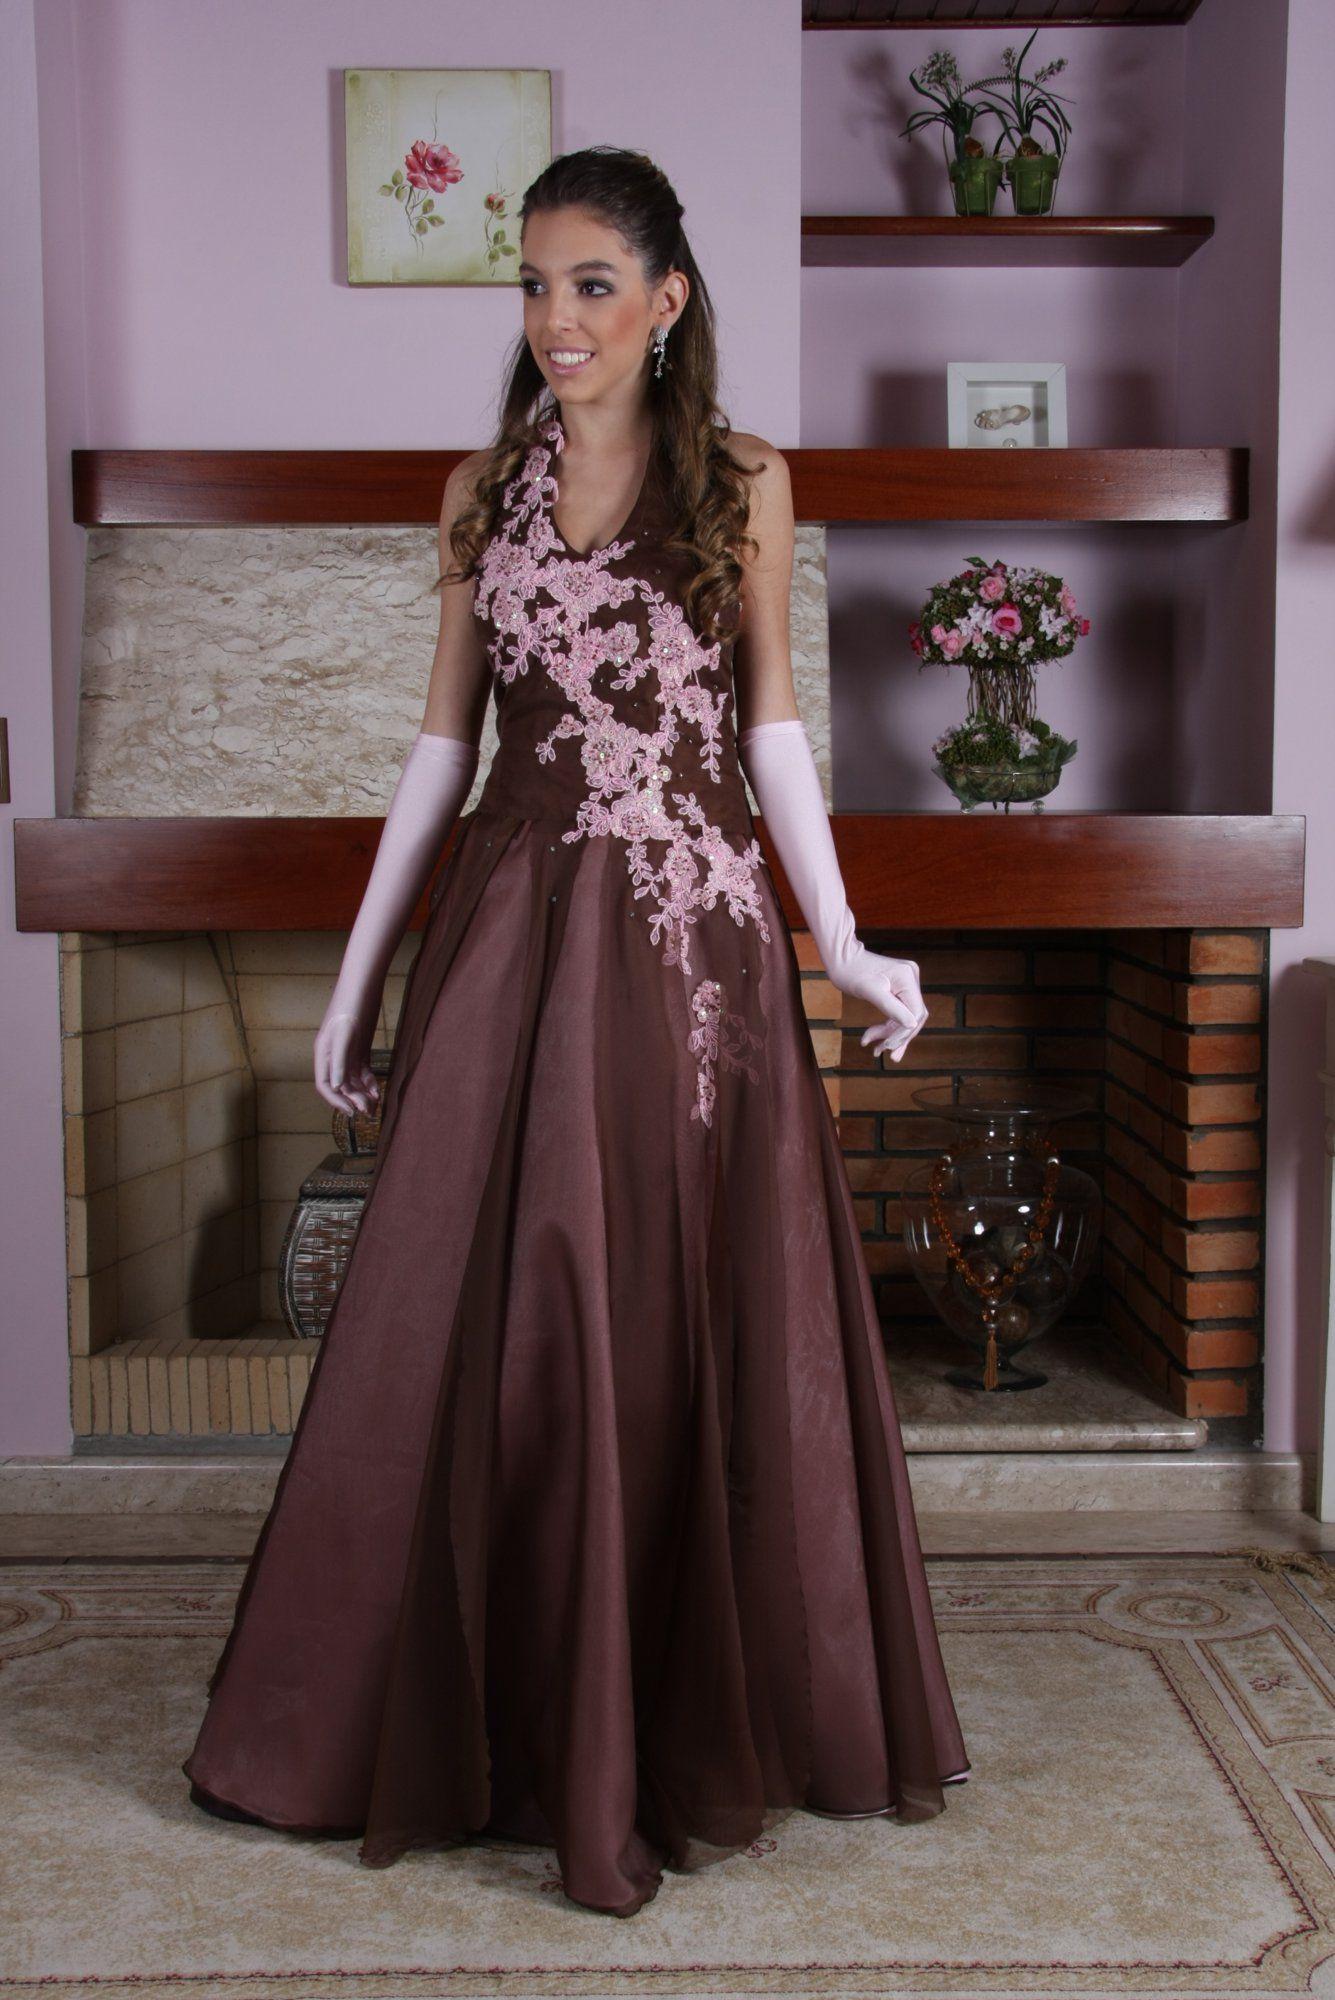 Vestido de Debutante Outros Modelos - 7 - Hipnose Alta Costura e Spa para Noivas e Noivos - Campinas - SP Vestido de Debutante, Vestido de Debutante Outros Modelos, Hipnose Alta Costura